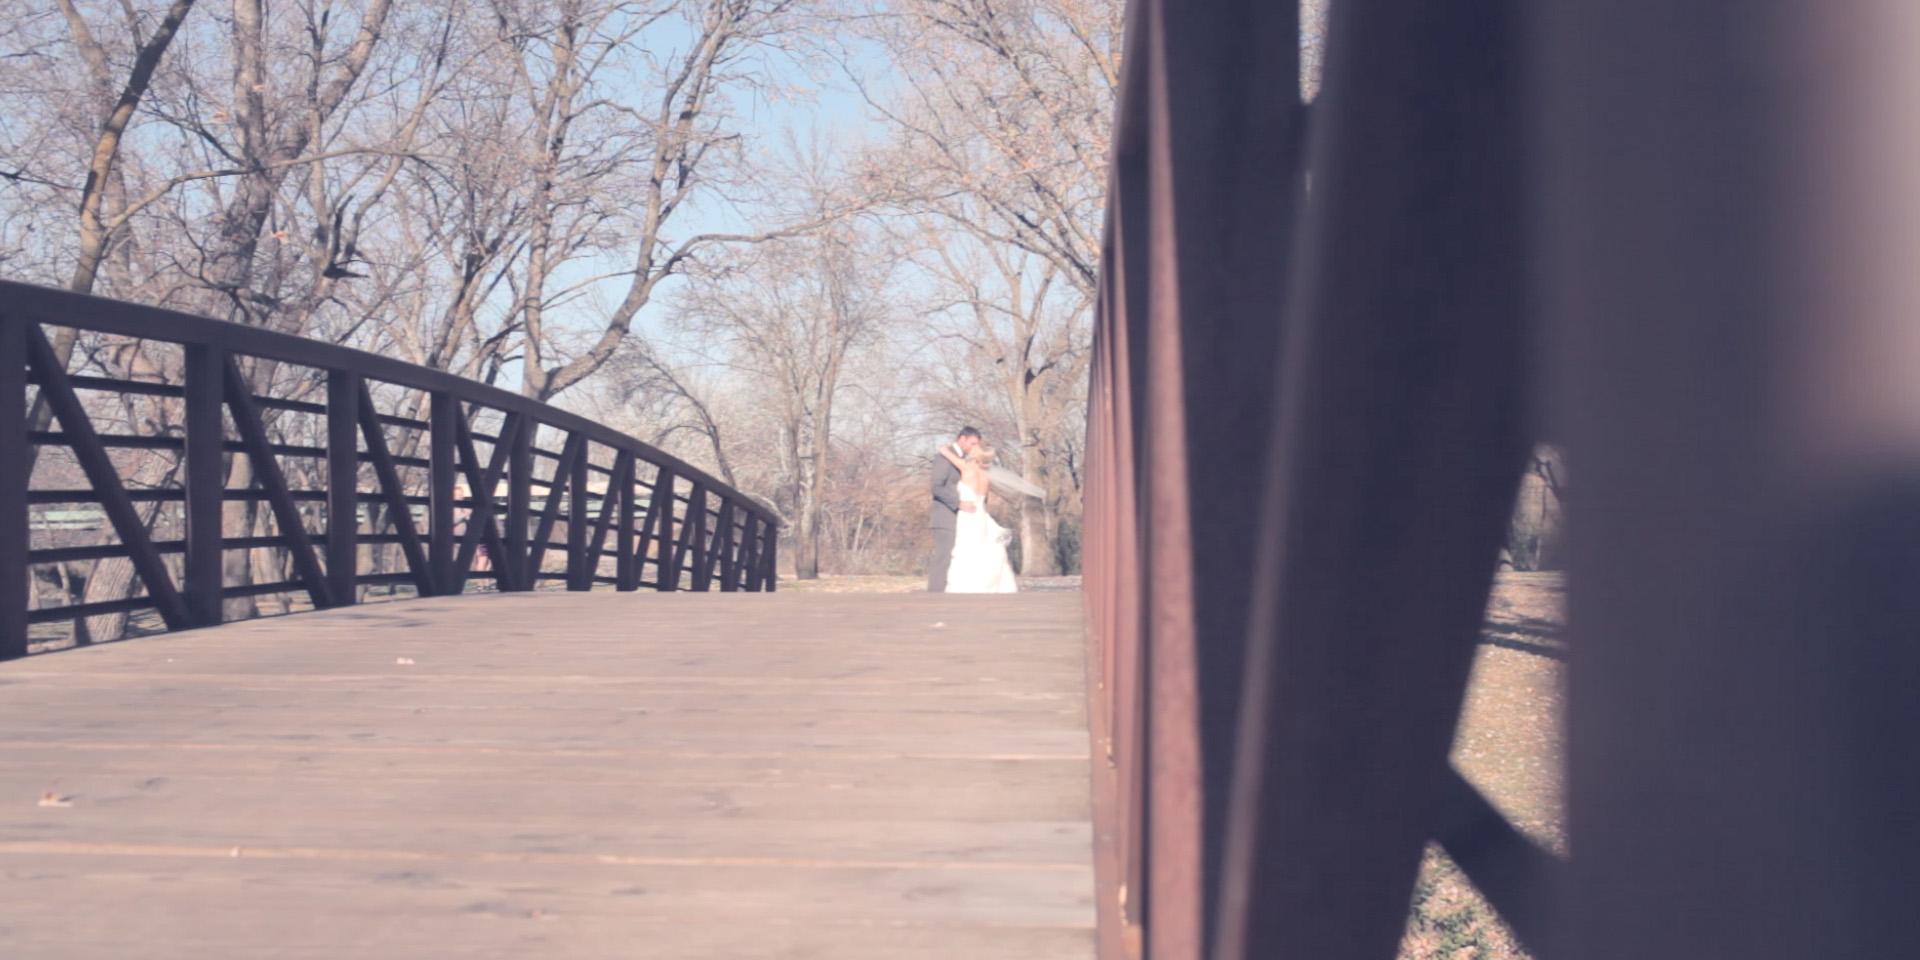 wedding story.00_02_48_20.Still006.jpg